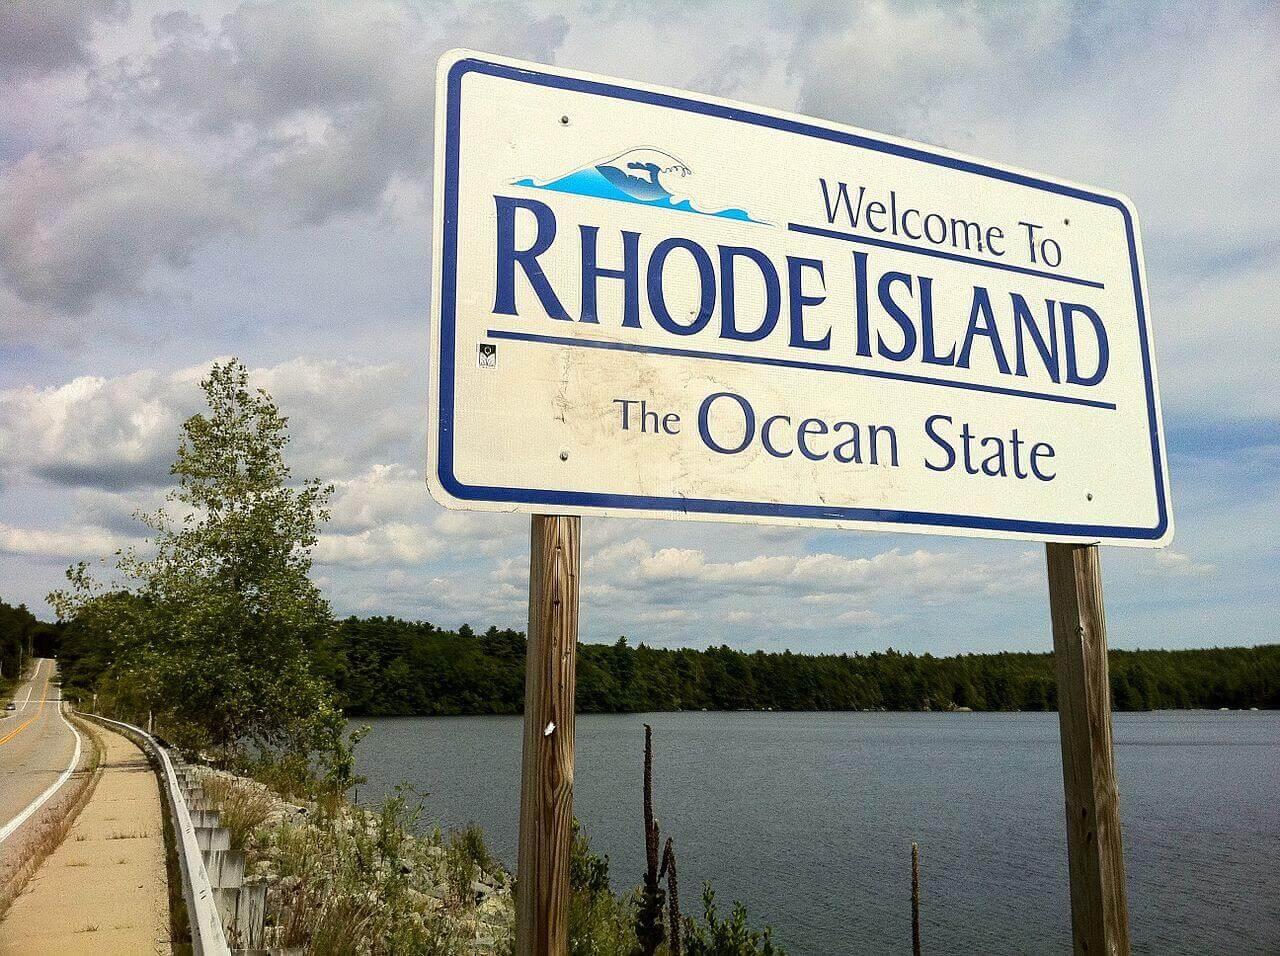 Presentato a Rhode Island un disegno di legge per la legalizzazione